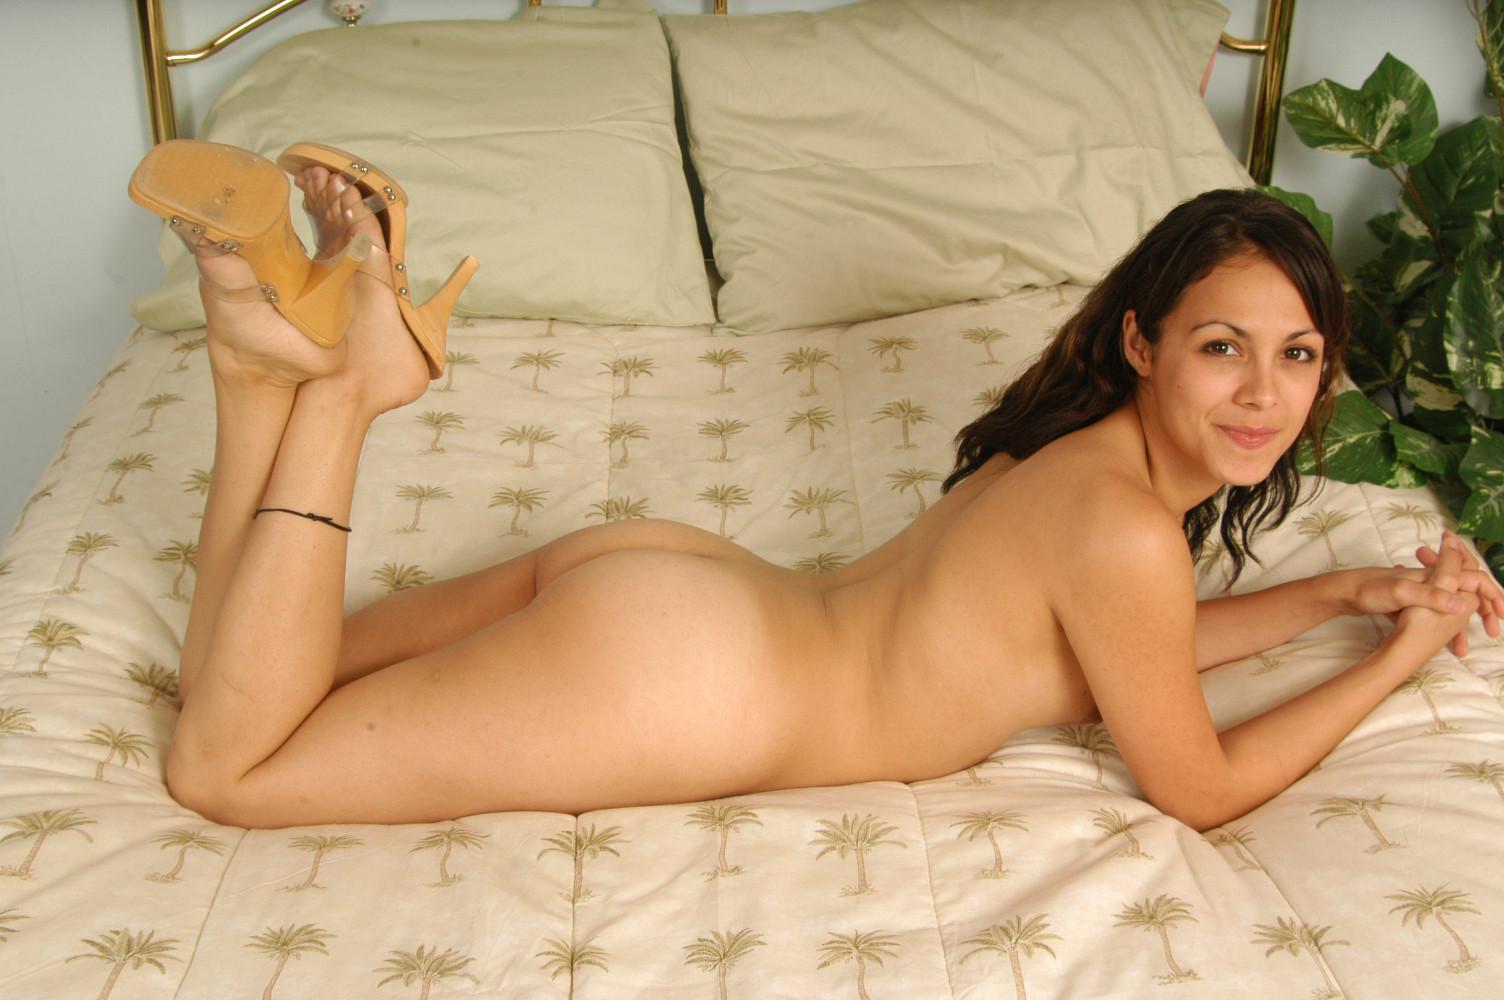 Милая латинка показывает свою небритую киску, широко раздвигая ножки перед камерой